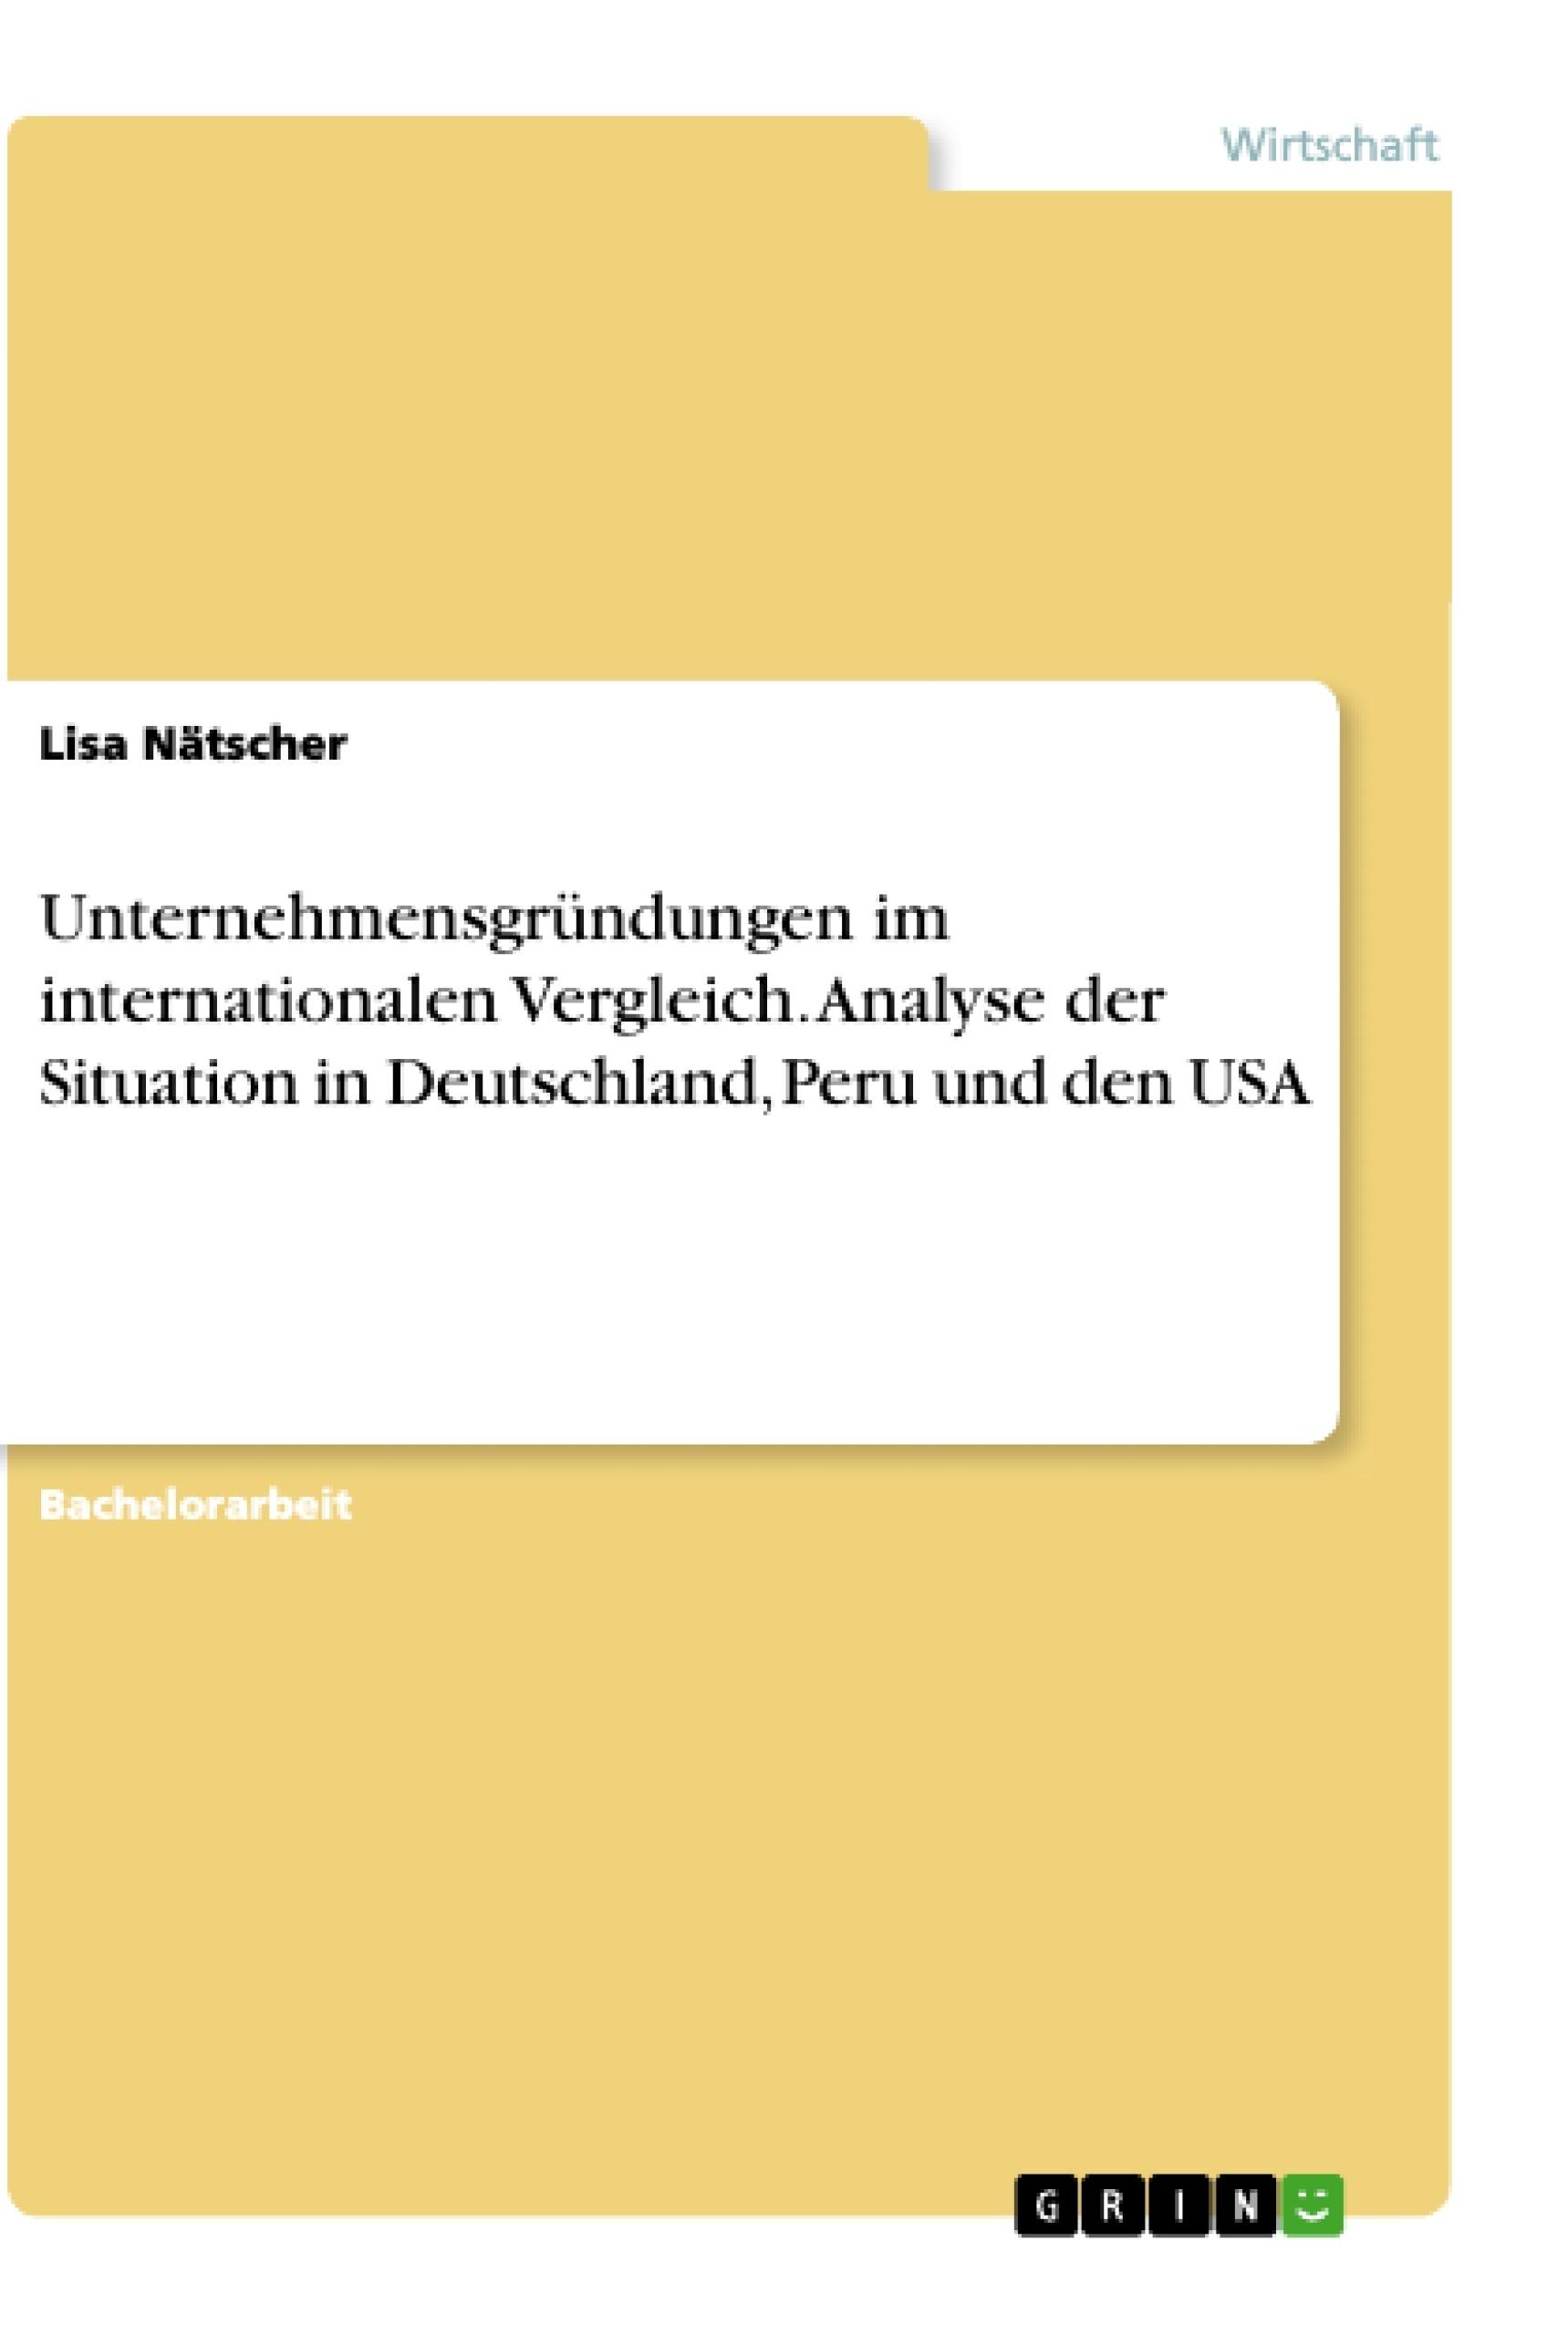 Titel: Unternehmensgründungen im internationalen Vergleich. Analyse der Situation in Deutschland, Peru und den USA